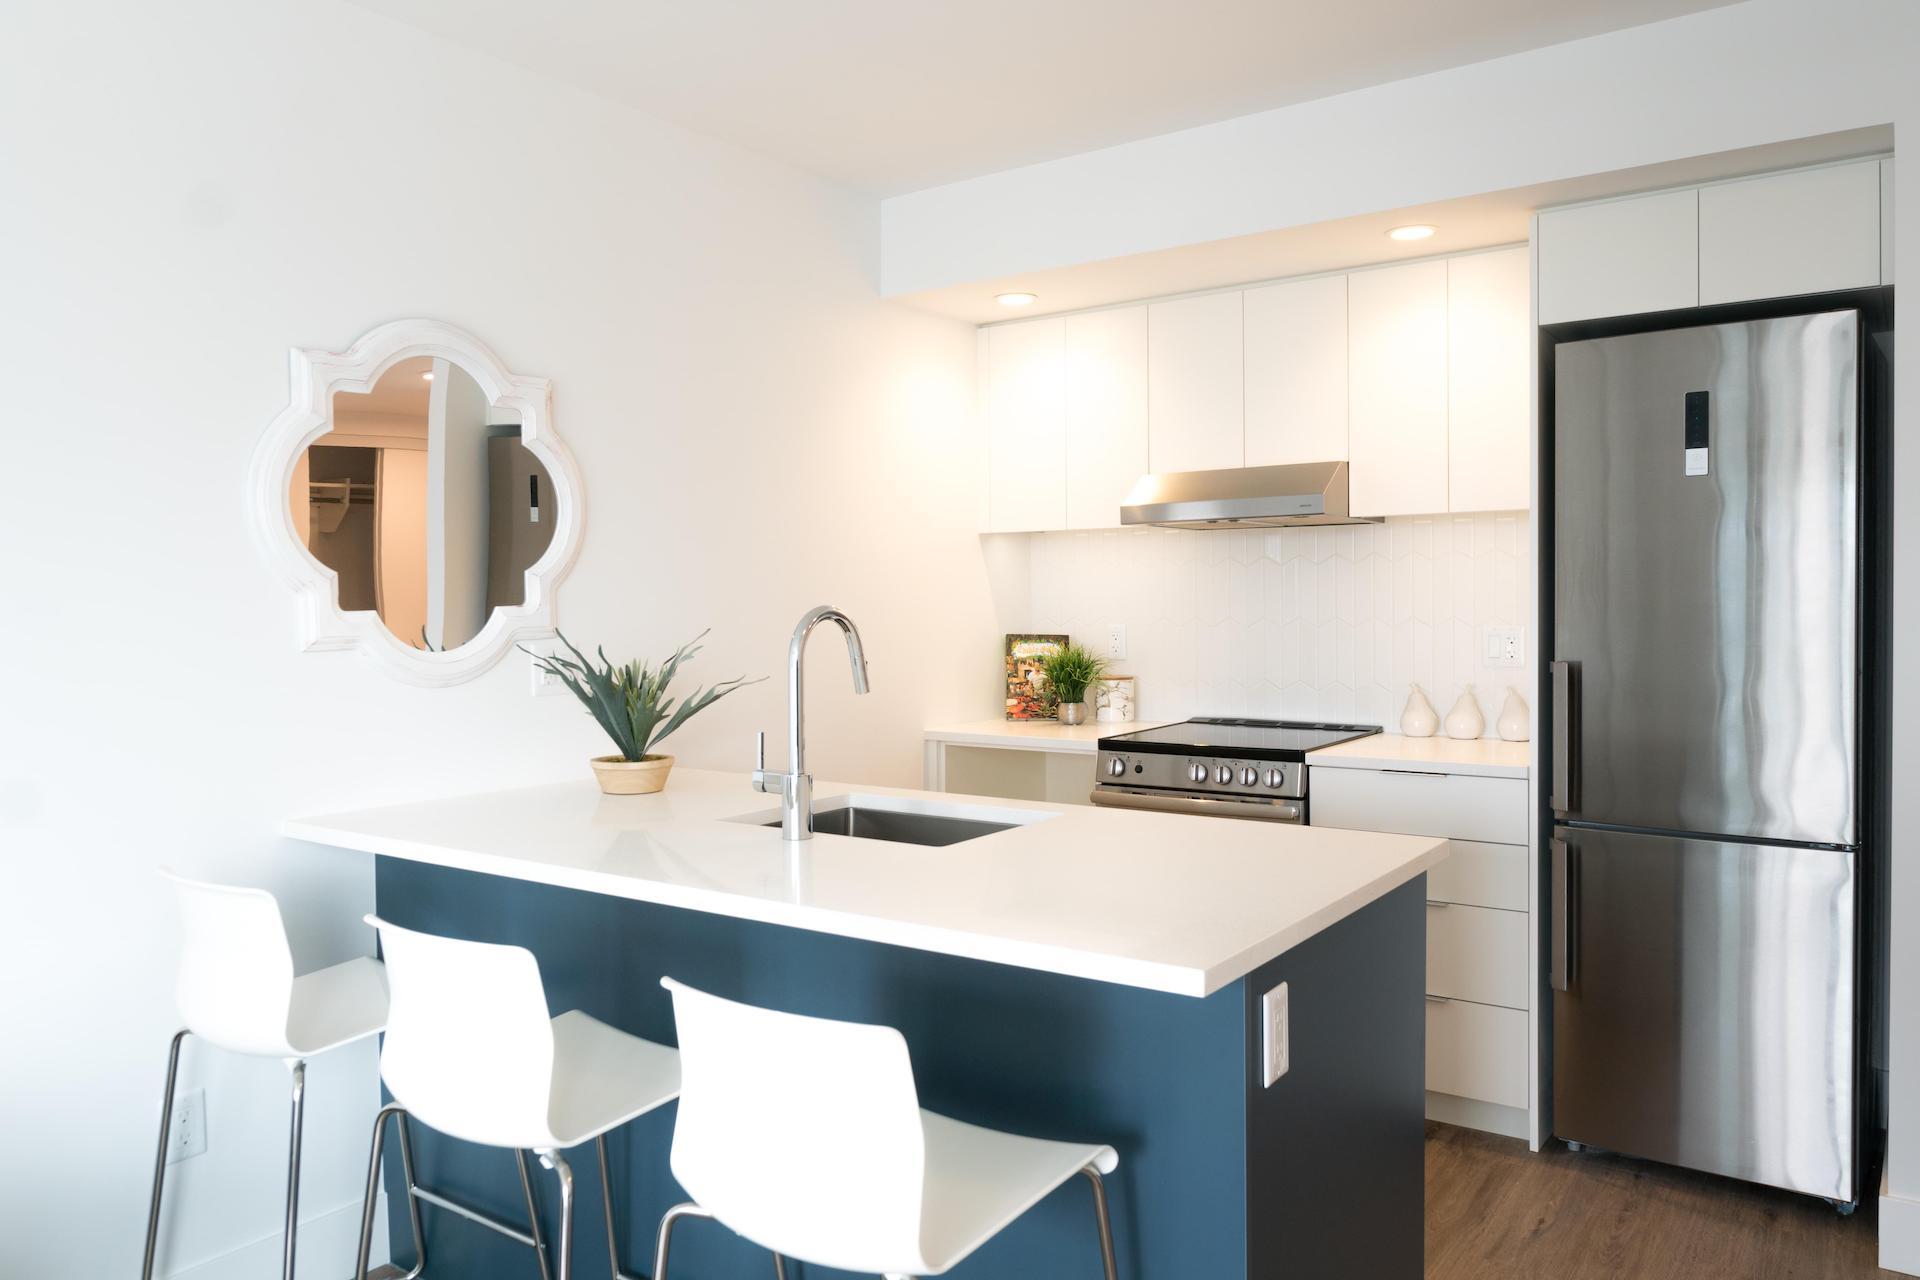 M3 kitchen 3.min